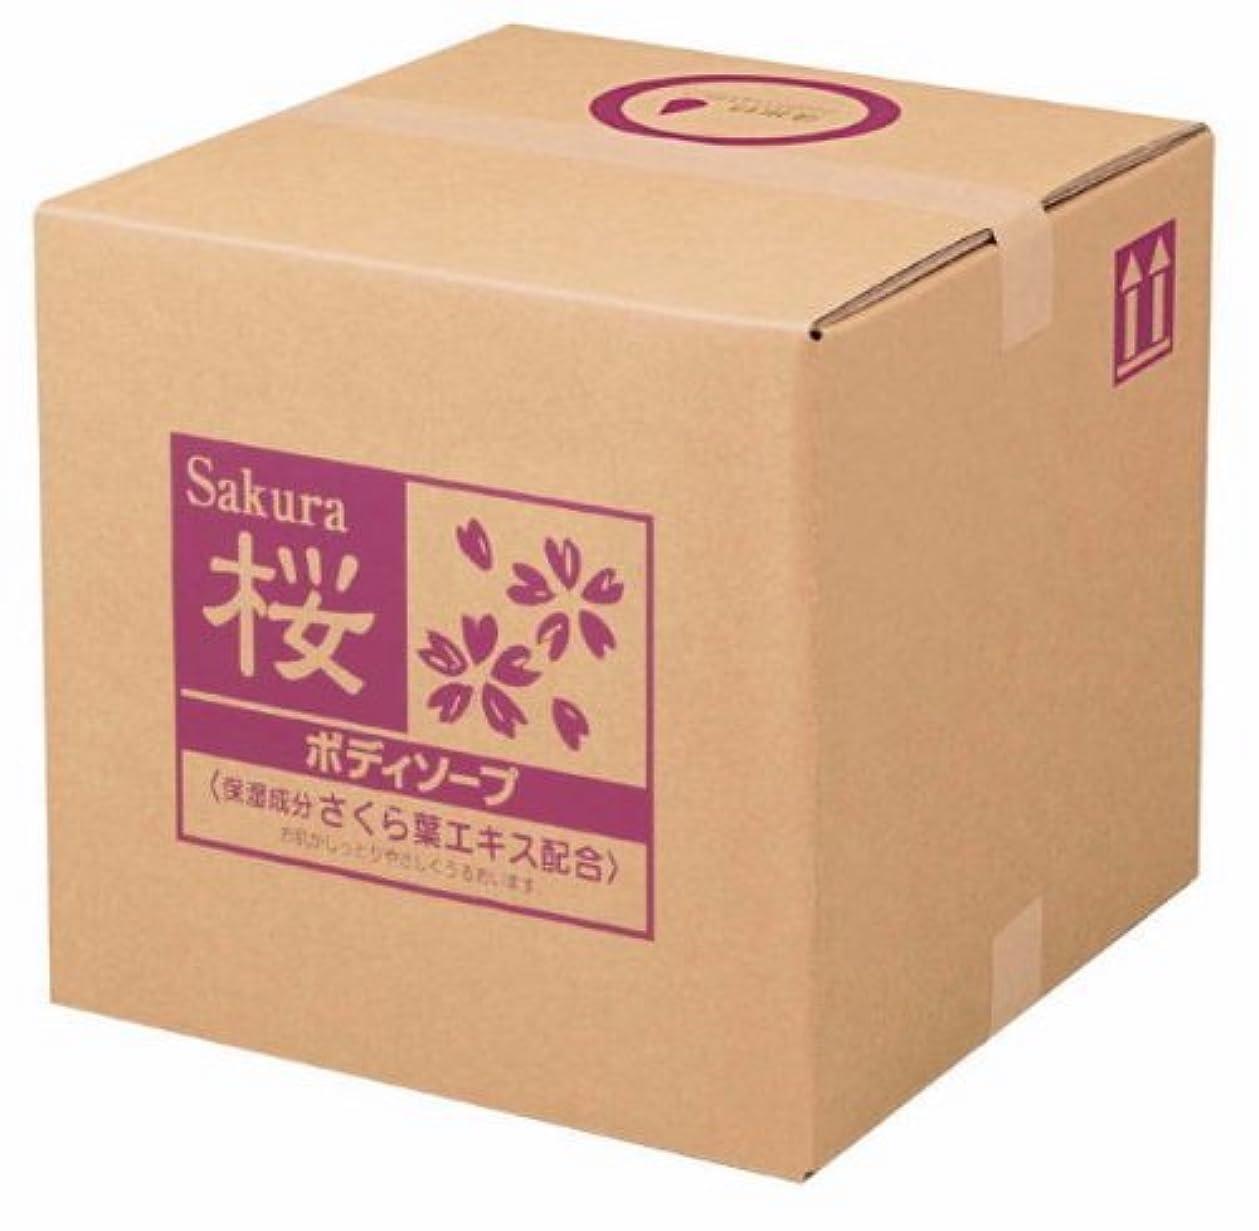 予感予測する怖がって死ぬ熊野油脂 業務用 桜 ボディソープ 18L